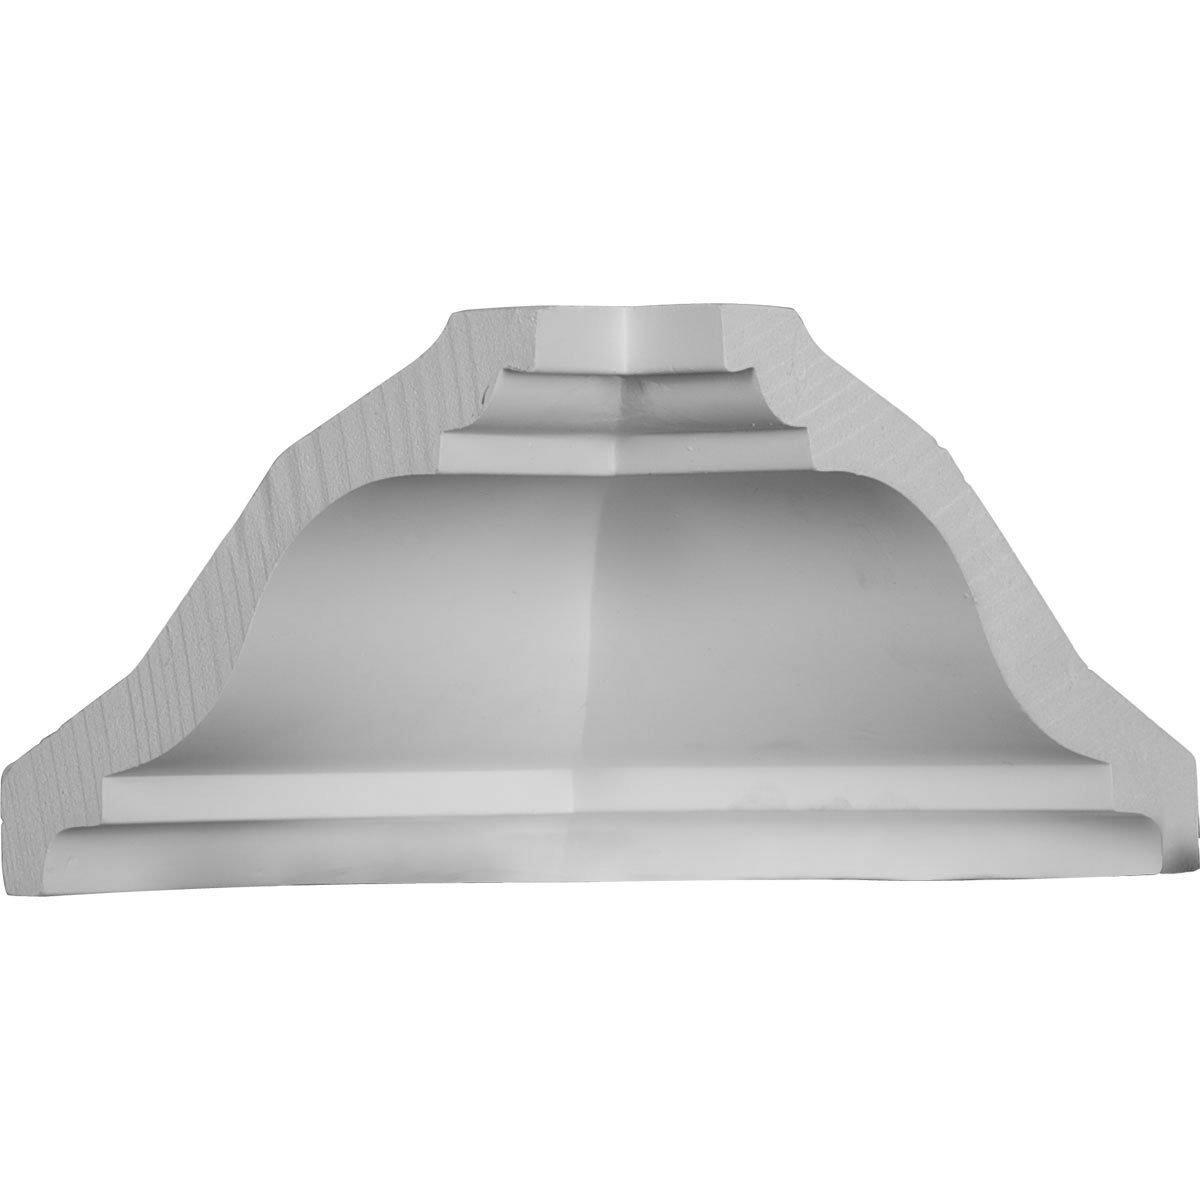 Ekena Millwork MIC04X04SG-CASE-4 4-3/8'' P x 4-7/8'' H Inside Corner for Molding MLD04X04X06SG (4-Pack)